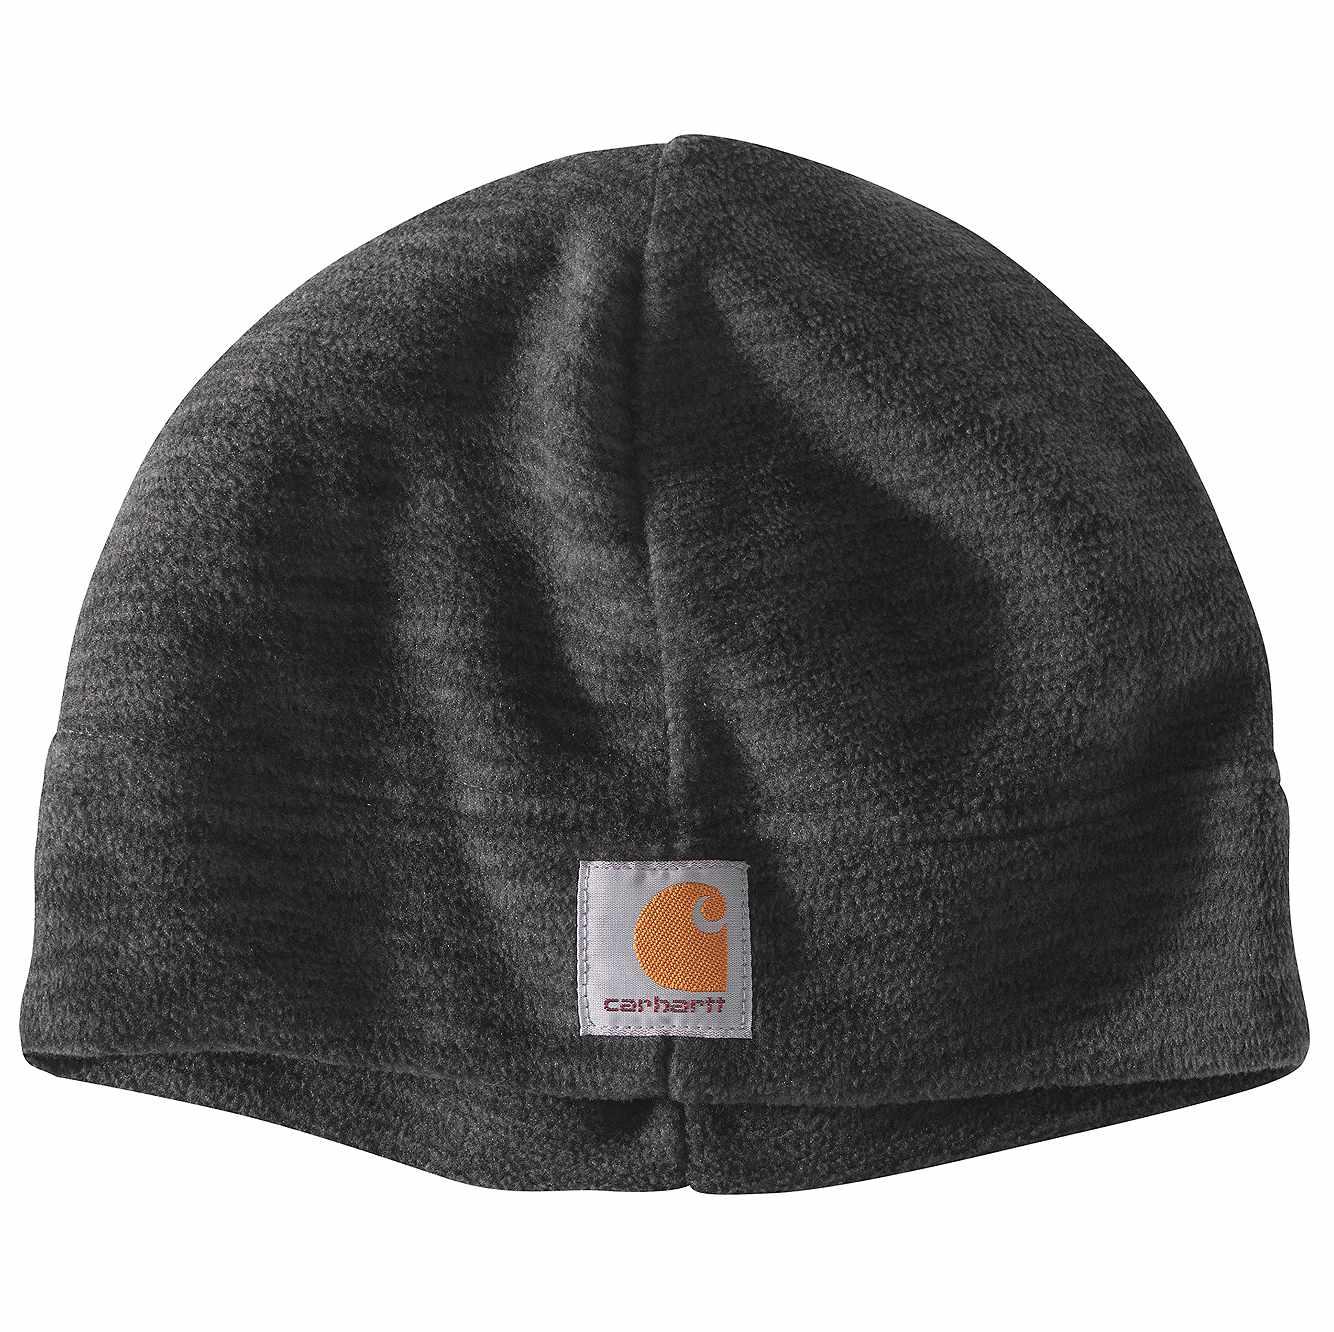 Picture of Fleece Hat in Black/Steel Space Dye